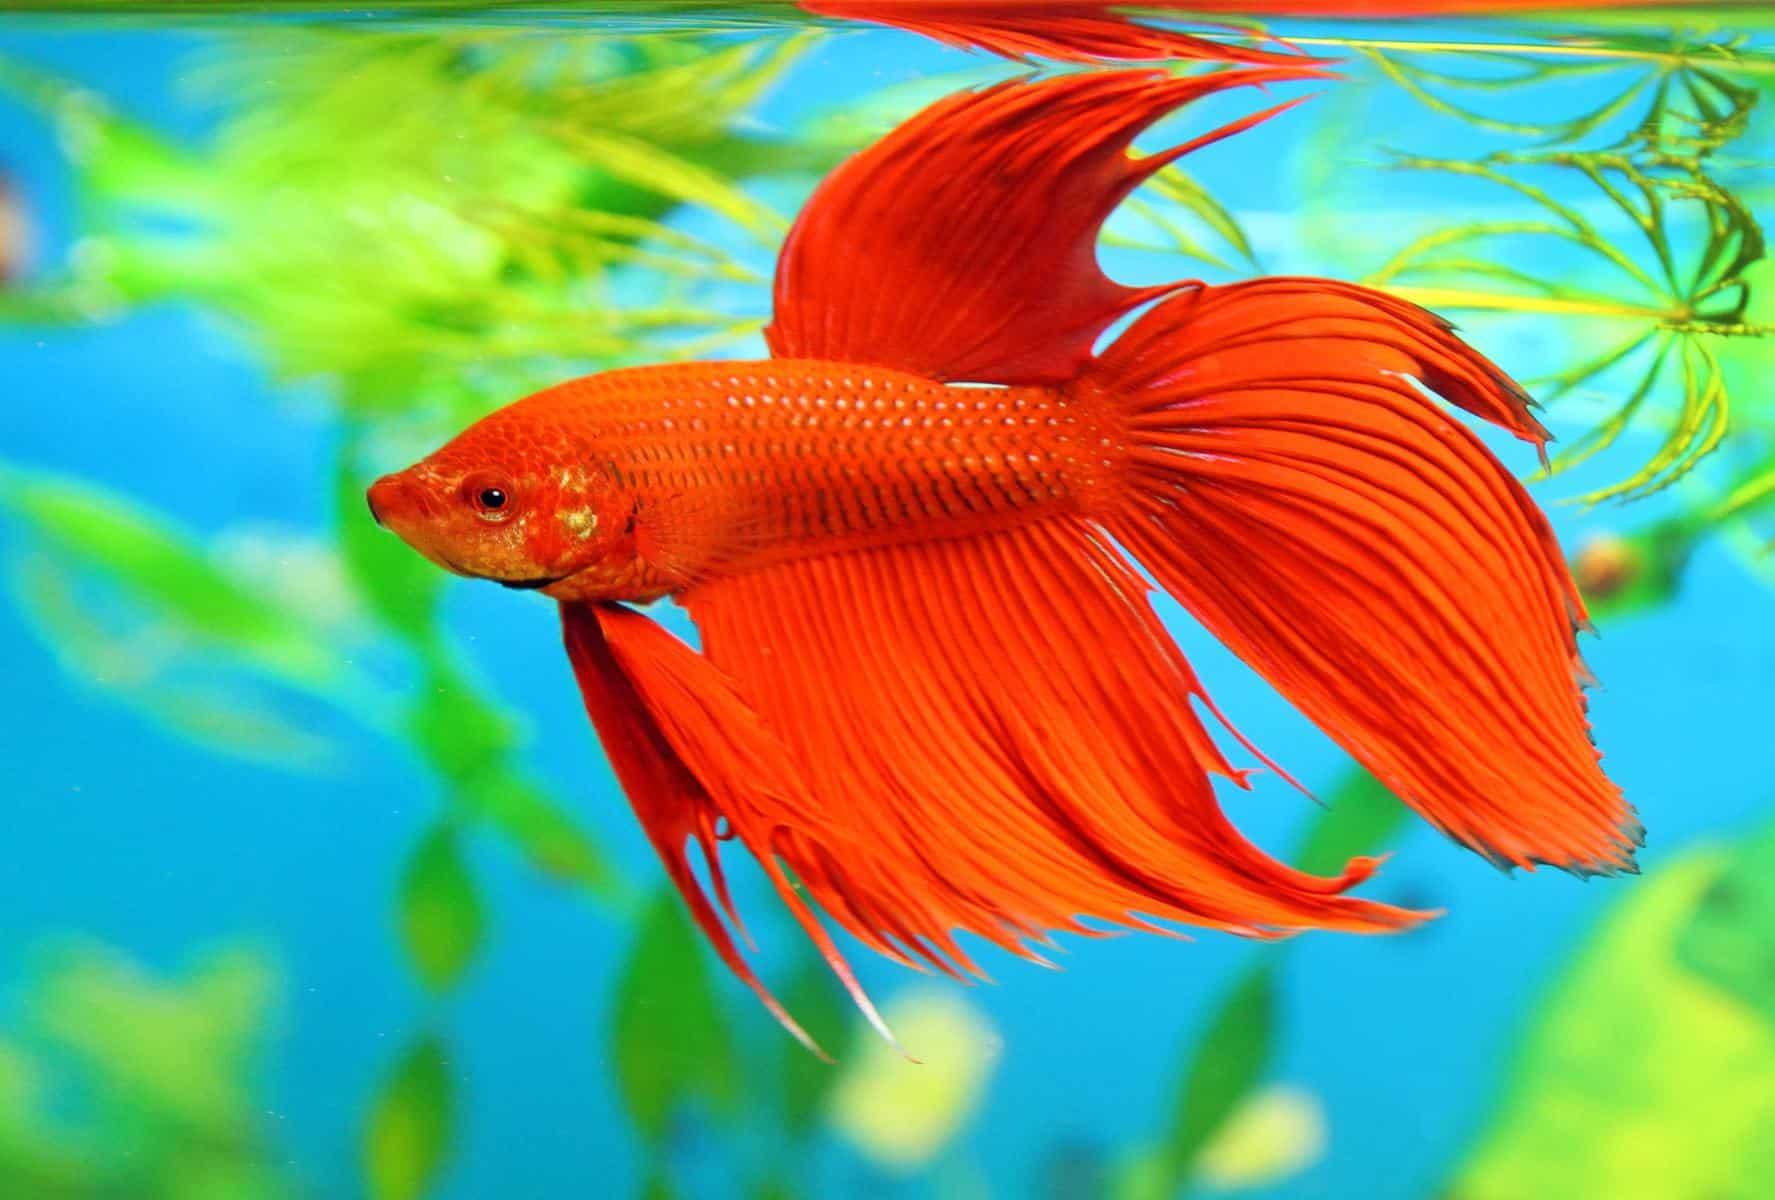 betta fish in aquarium full of lights